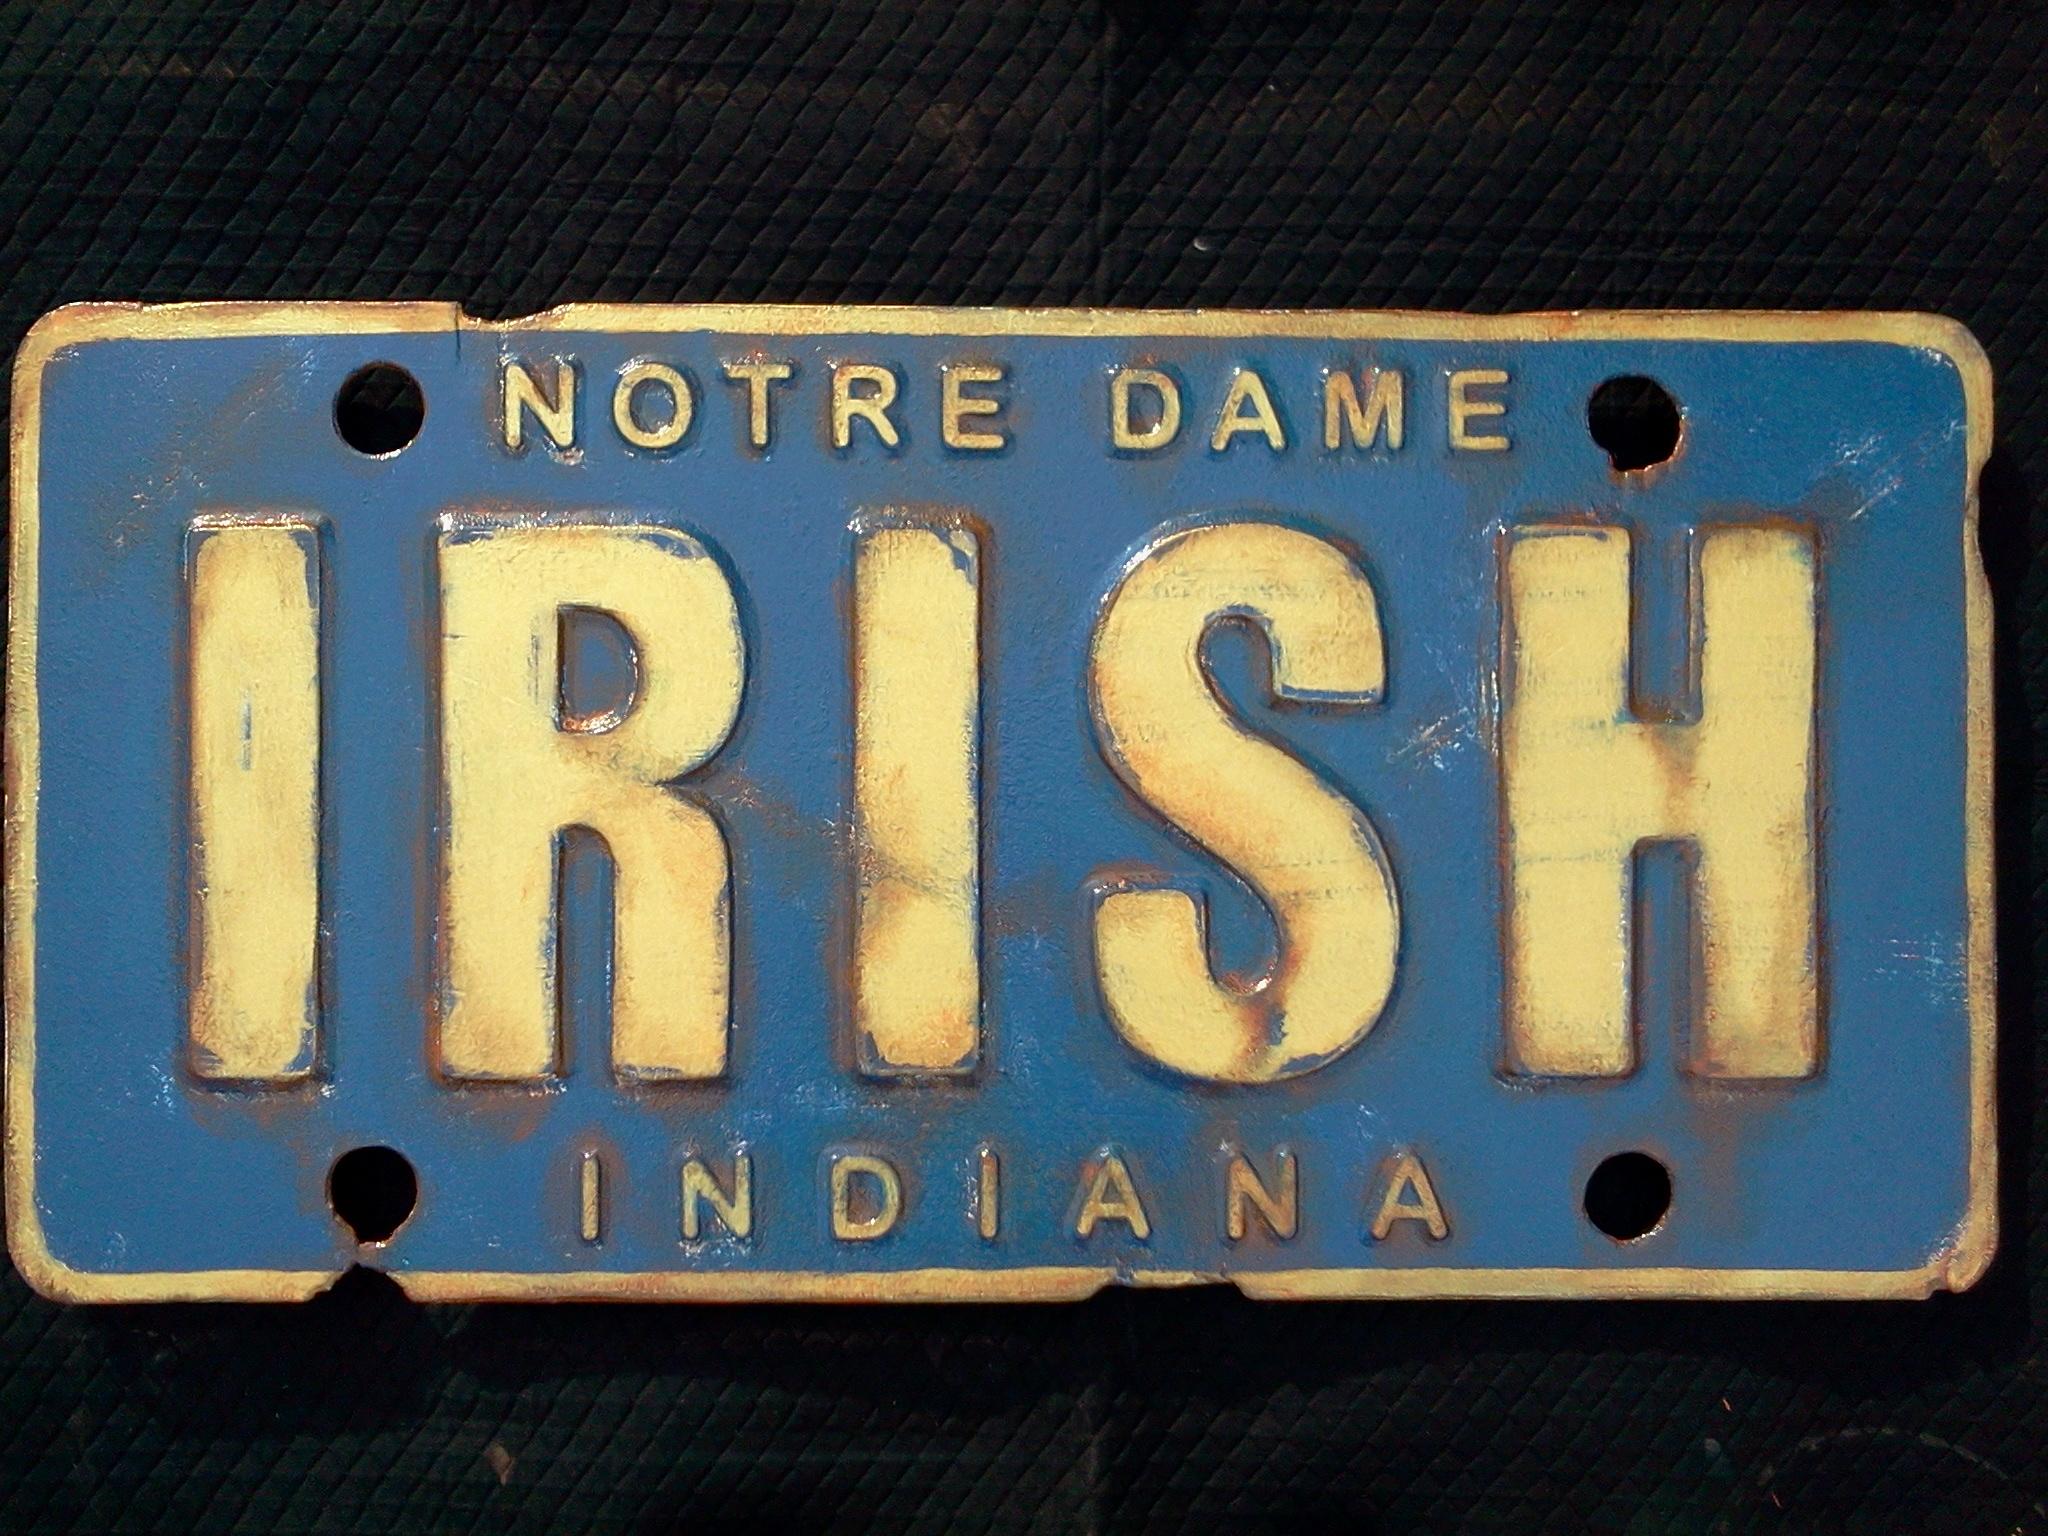 Irish plate